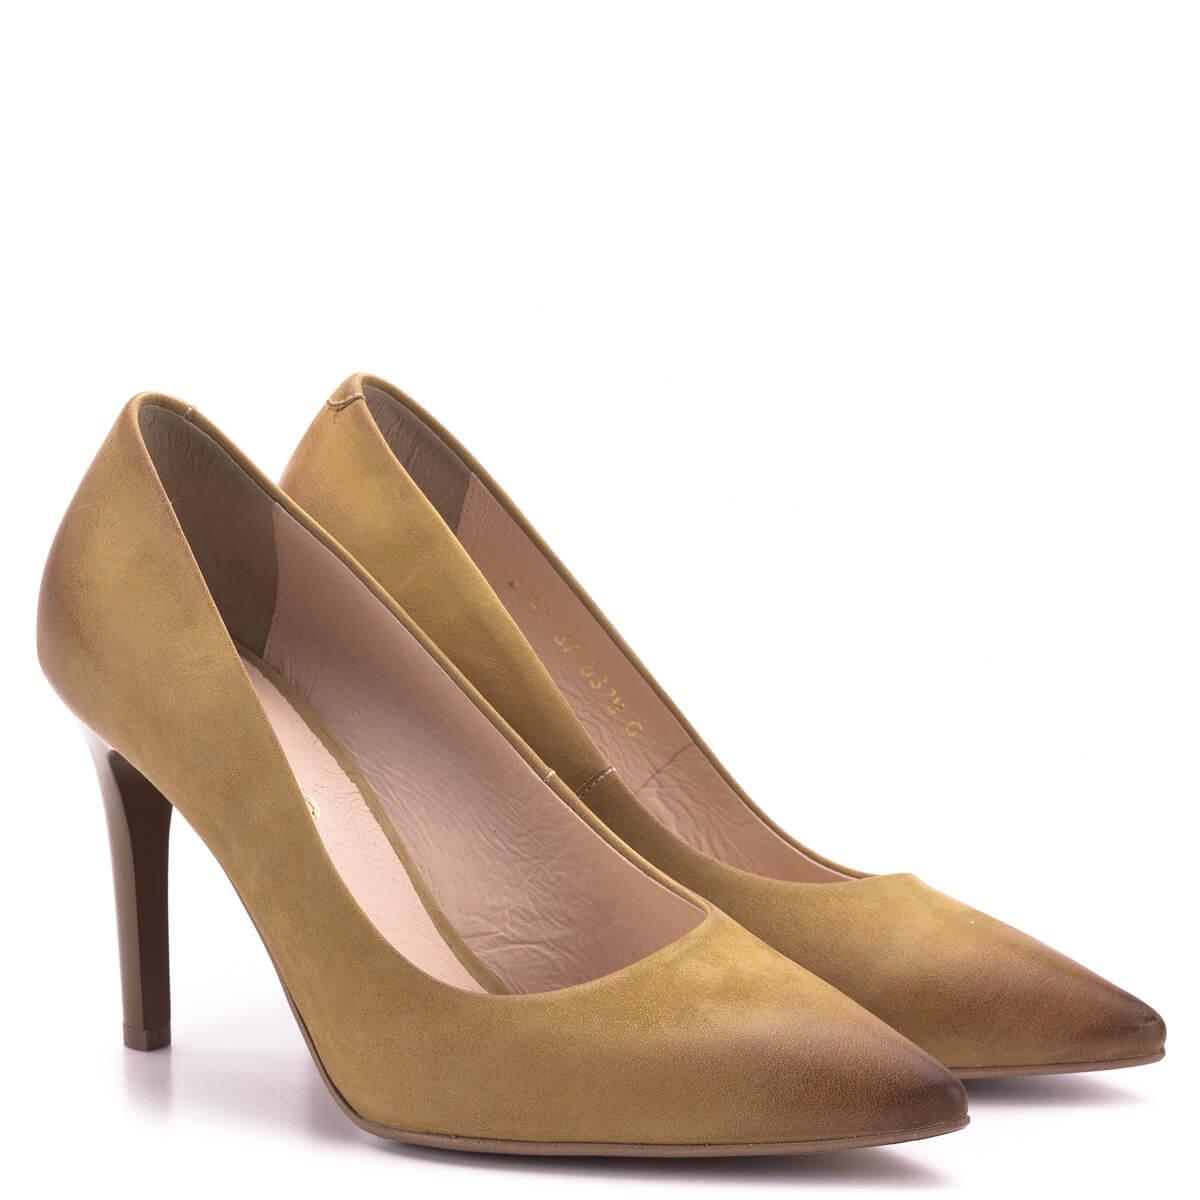 2bbb217861 Bioeco cipő sötét mustár színben bőrből, bőr béléssel, sarka 9 cm magas.  Klasszikus ...